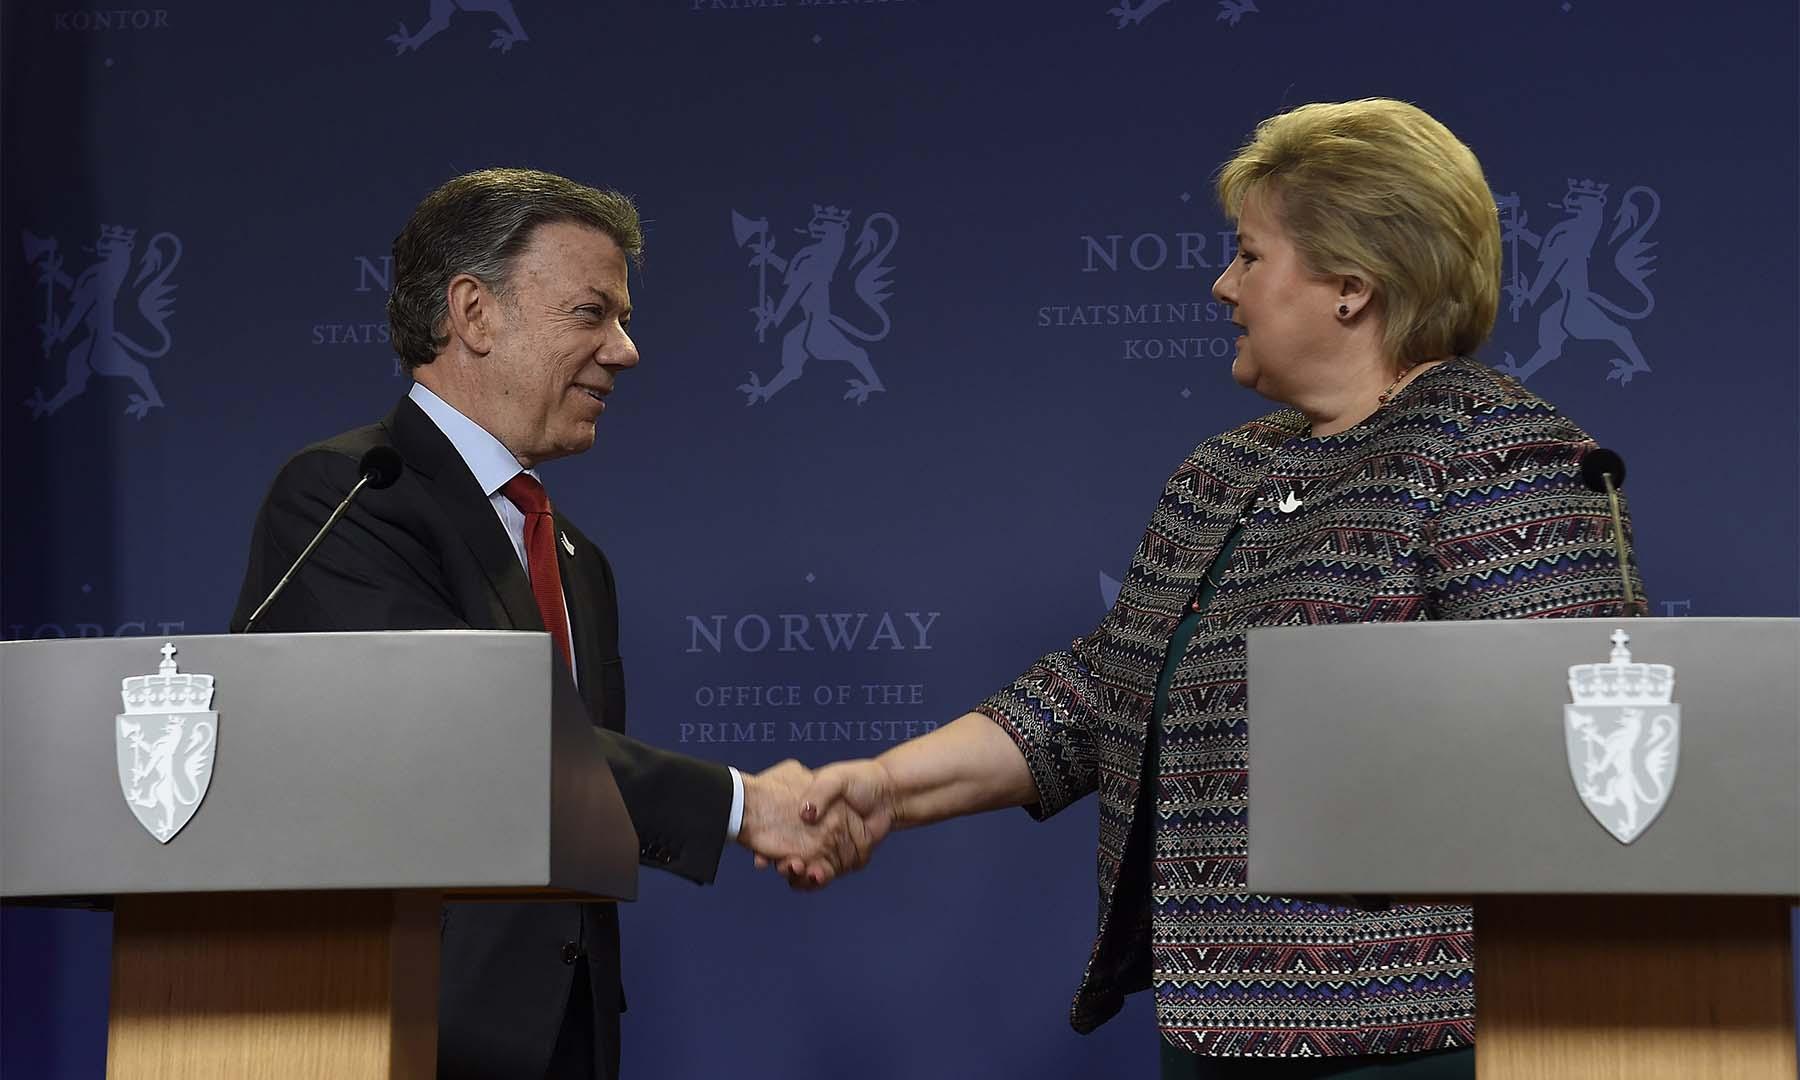 El Presidente Juan Manuel Santos manifestó que estará eternamente agradecido con Noruega y su Primera Ministra, Erna Solberg, por todo el acompañamiento y apoyo al proceso de paz y a la implementación del Nuevo Acuerdo.